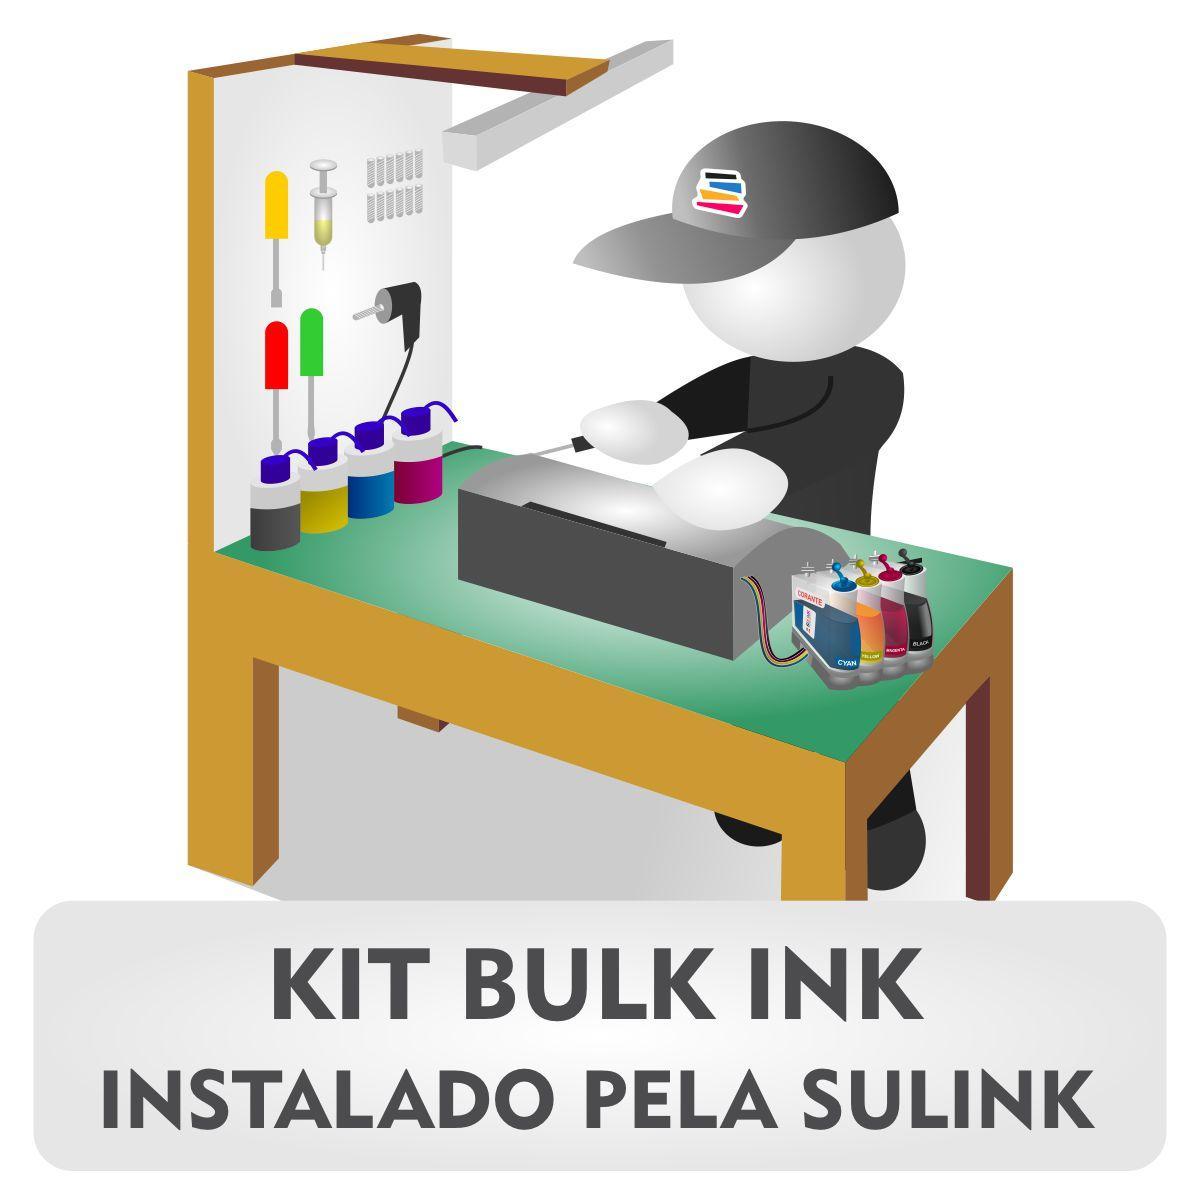 INSTALADO - Bulk Ink para HP 8100 | 8600 | 8610 | 8620 | 251DW | 276DW - 250ml 4 Cores Pigmentada HP Série PRO - (Sem Cartucho - Utilizar Original HP do Cliente)